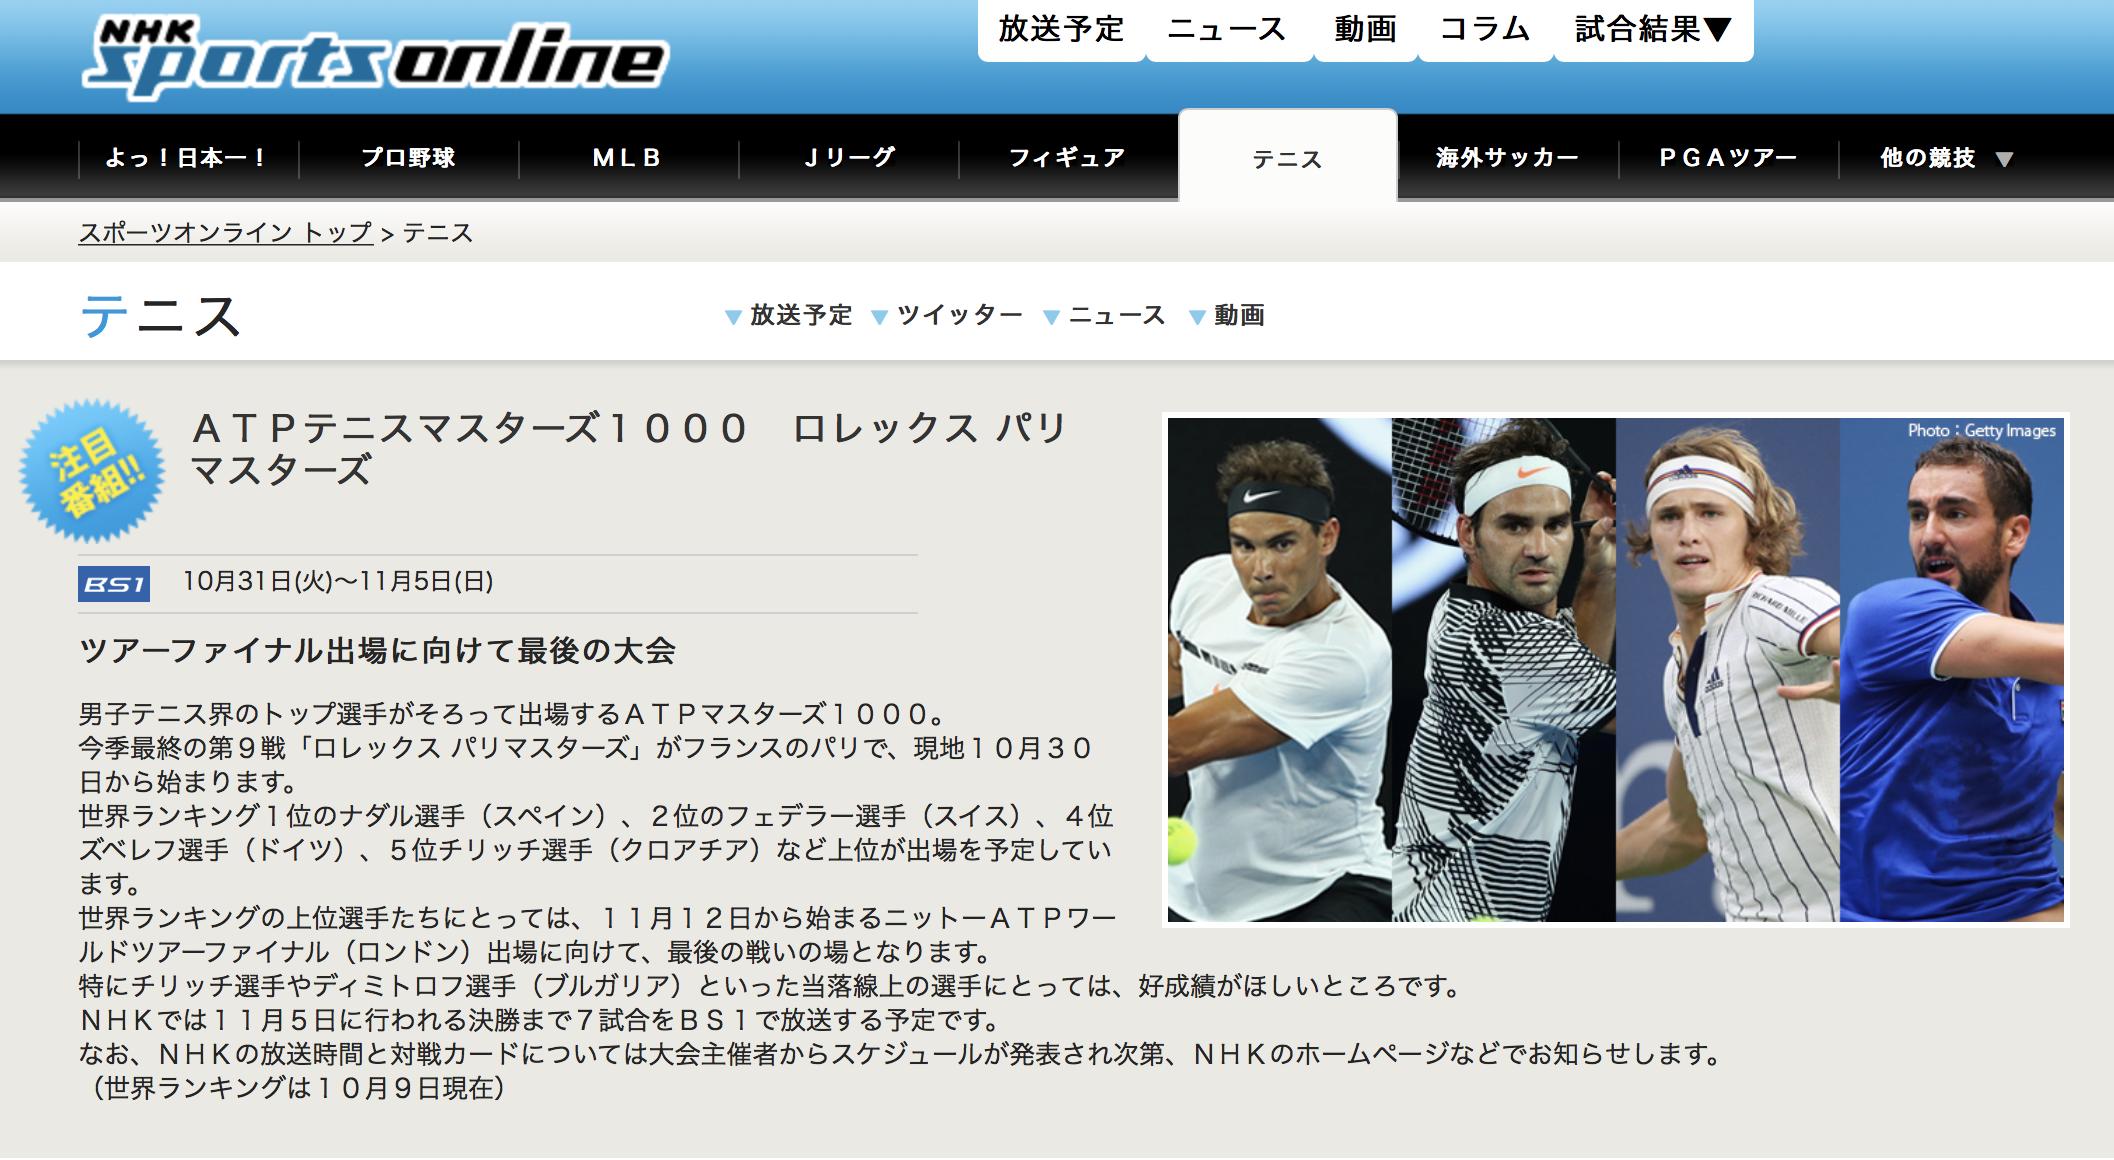 男子テニスATPツアー|テニス|スポーツ | WOWOWオンライン